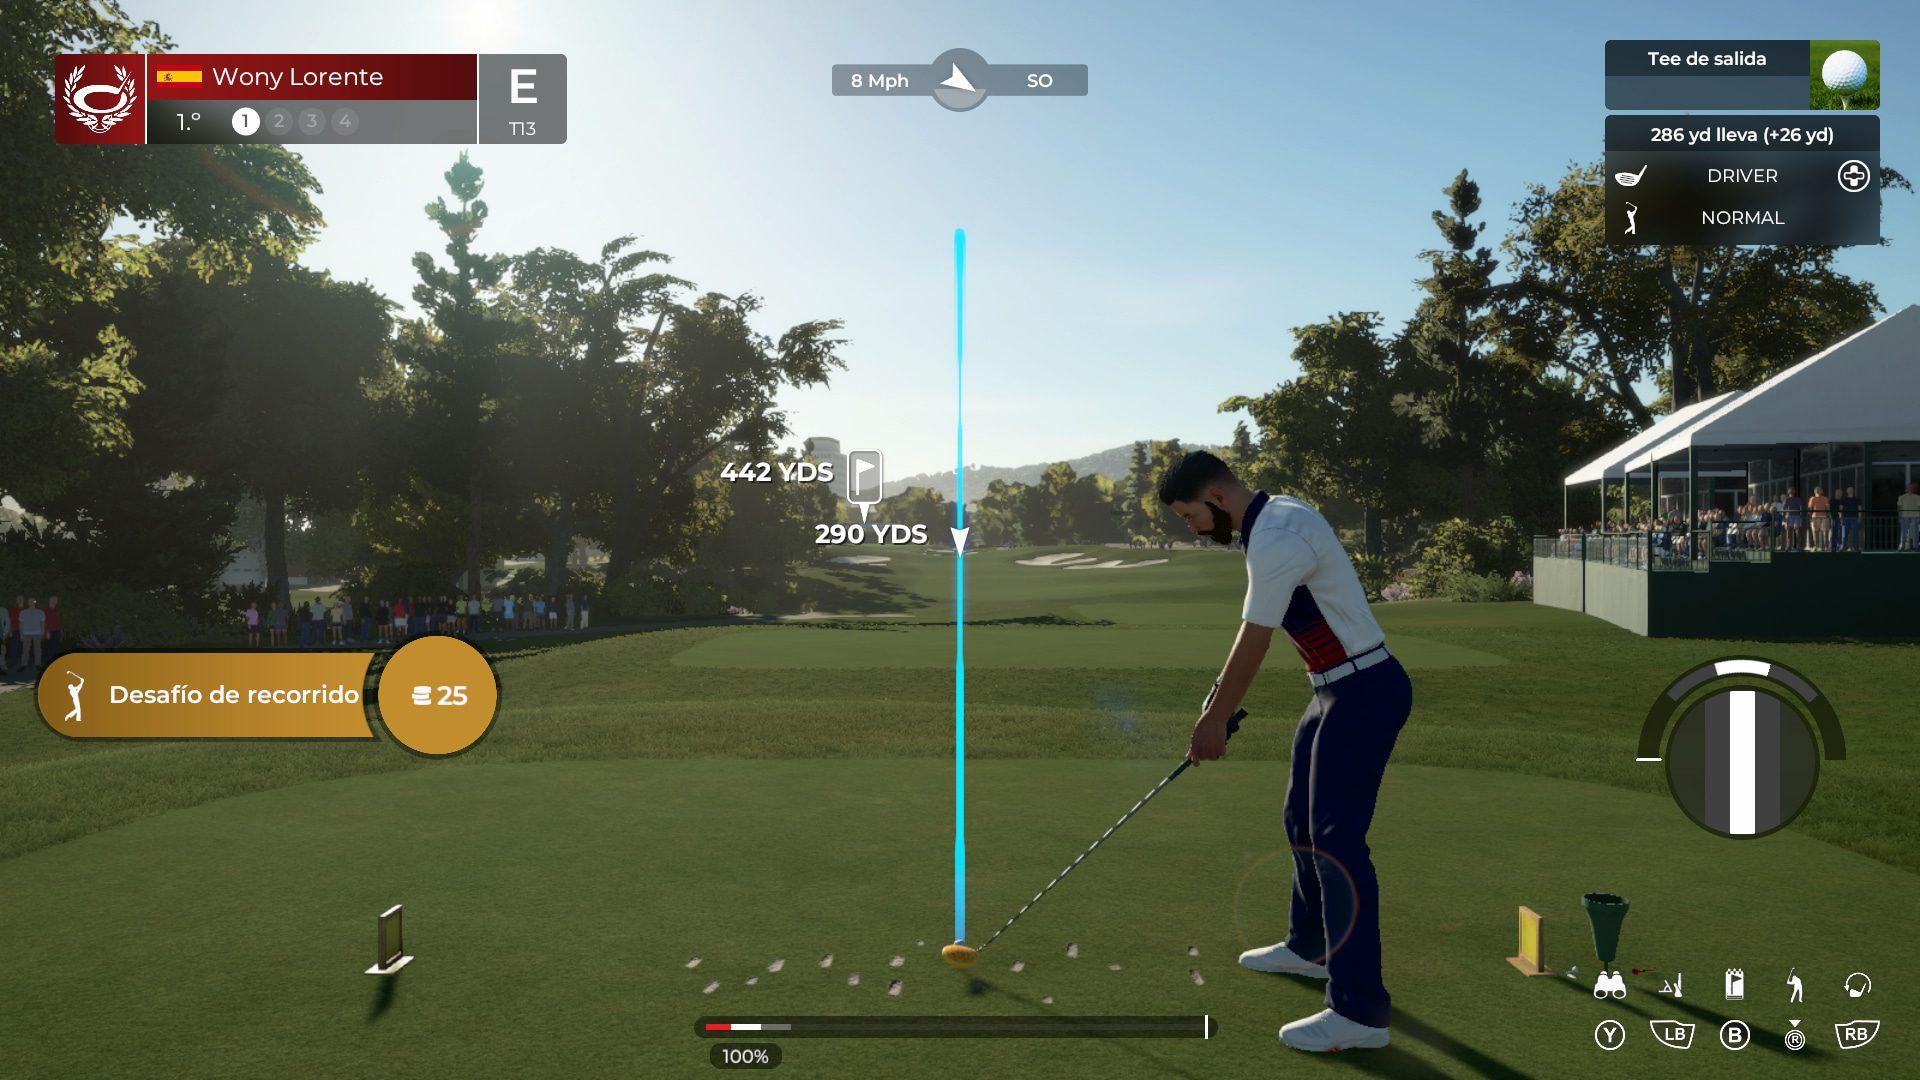 Analisis-PGA-Tour-2k21-2